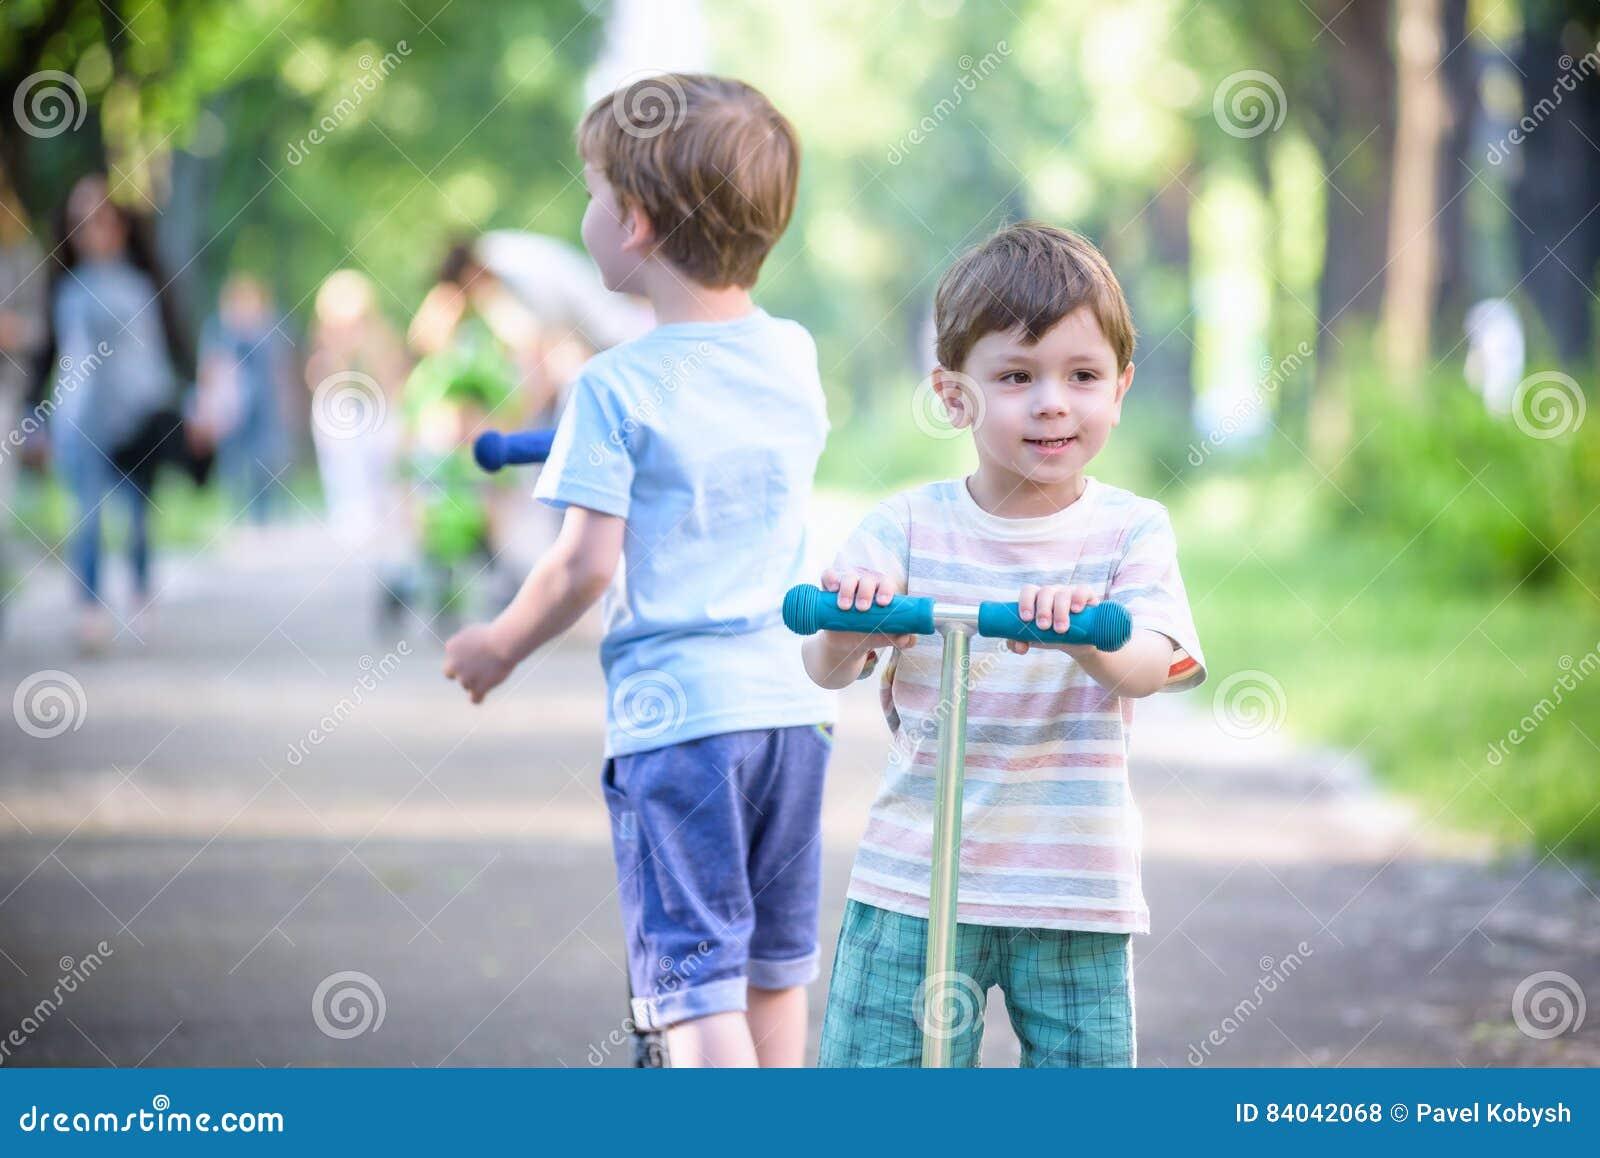 two cute guys walking around